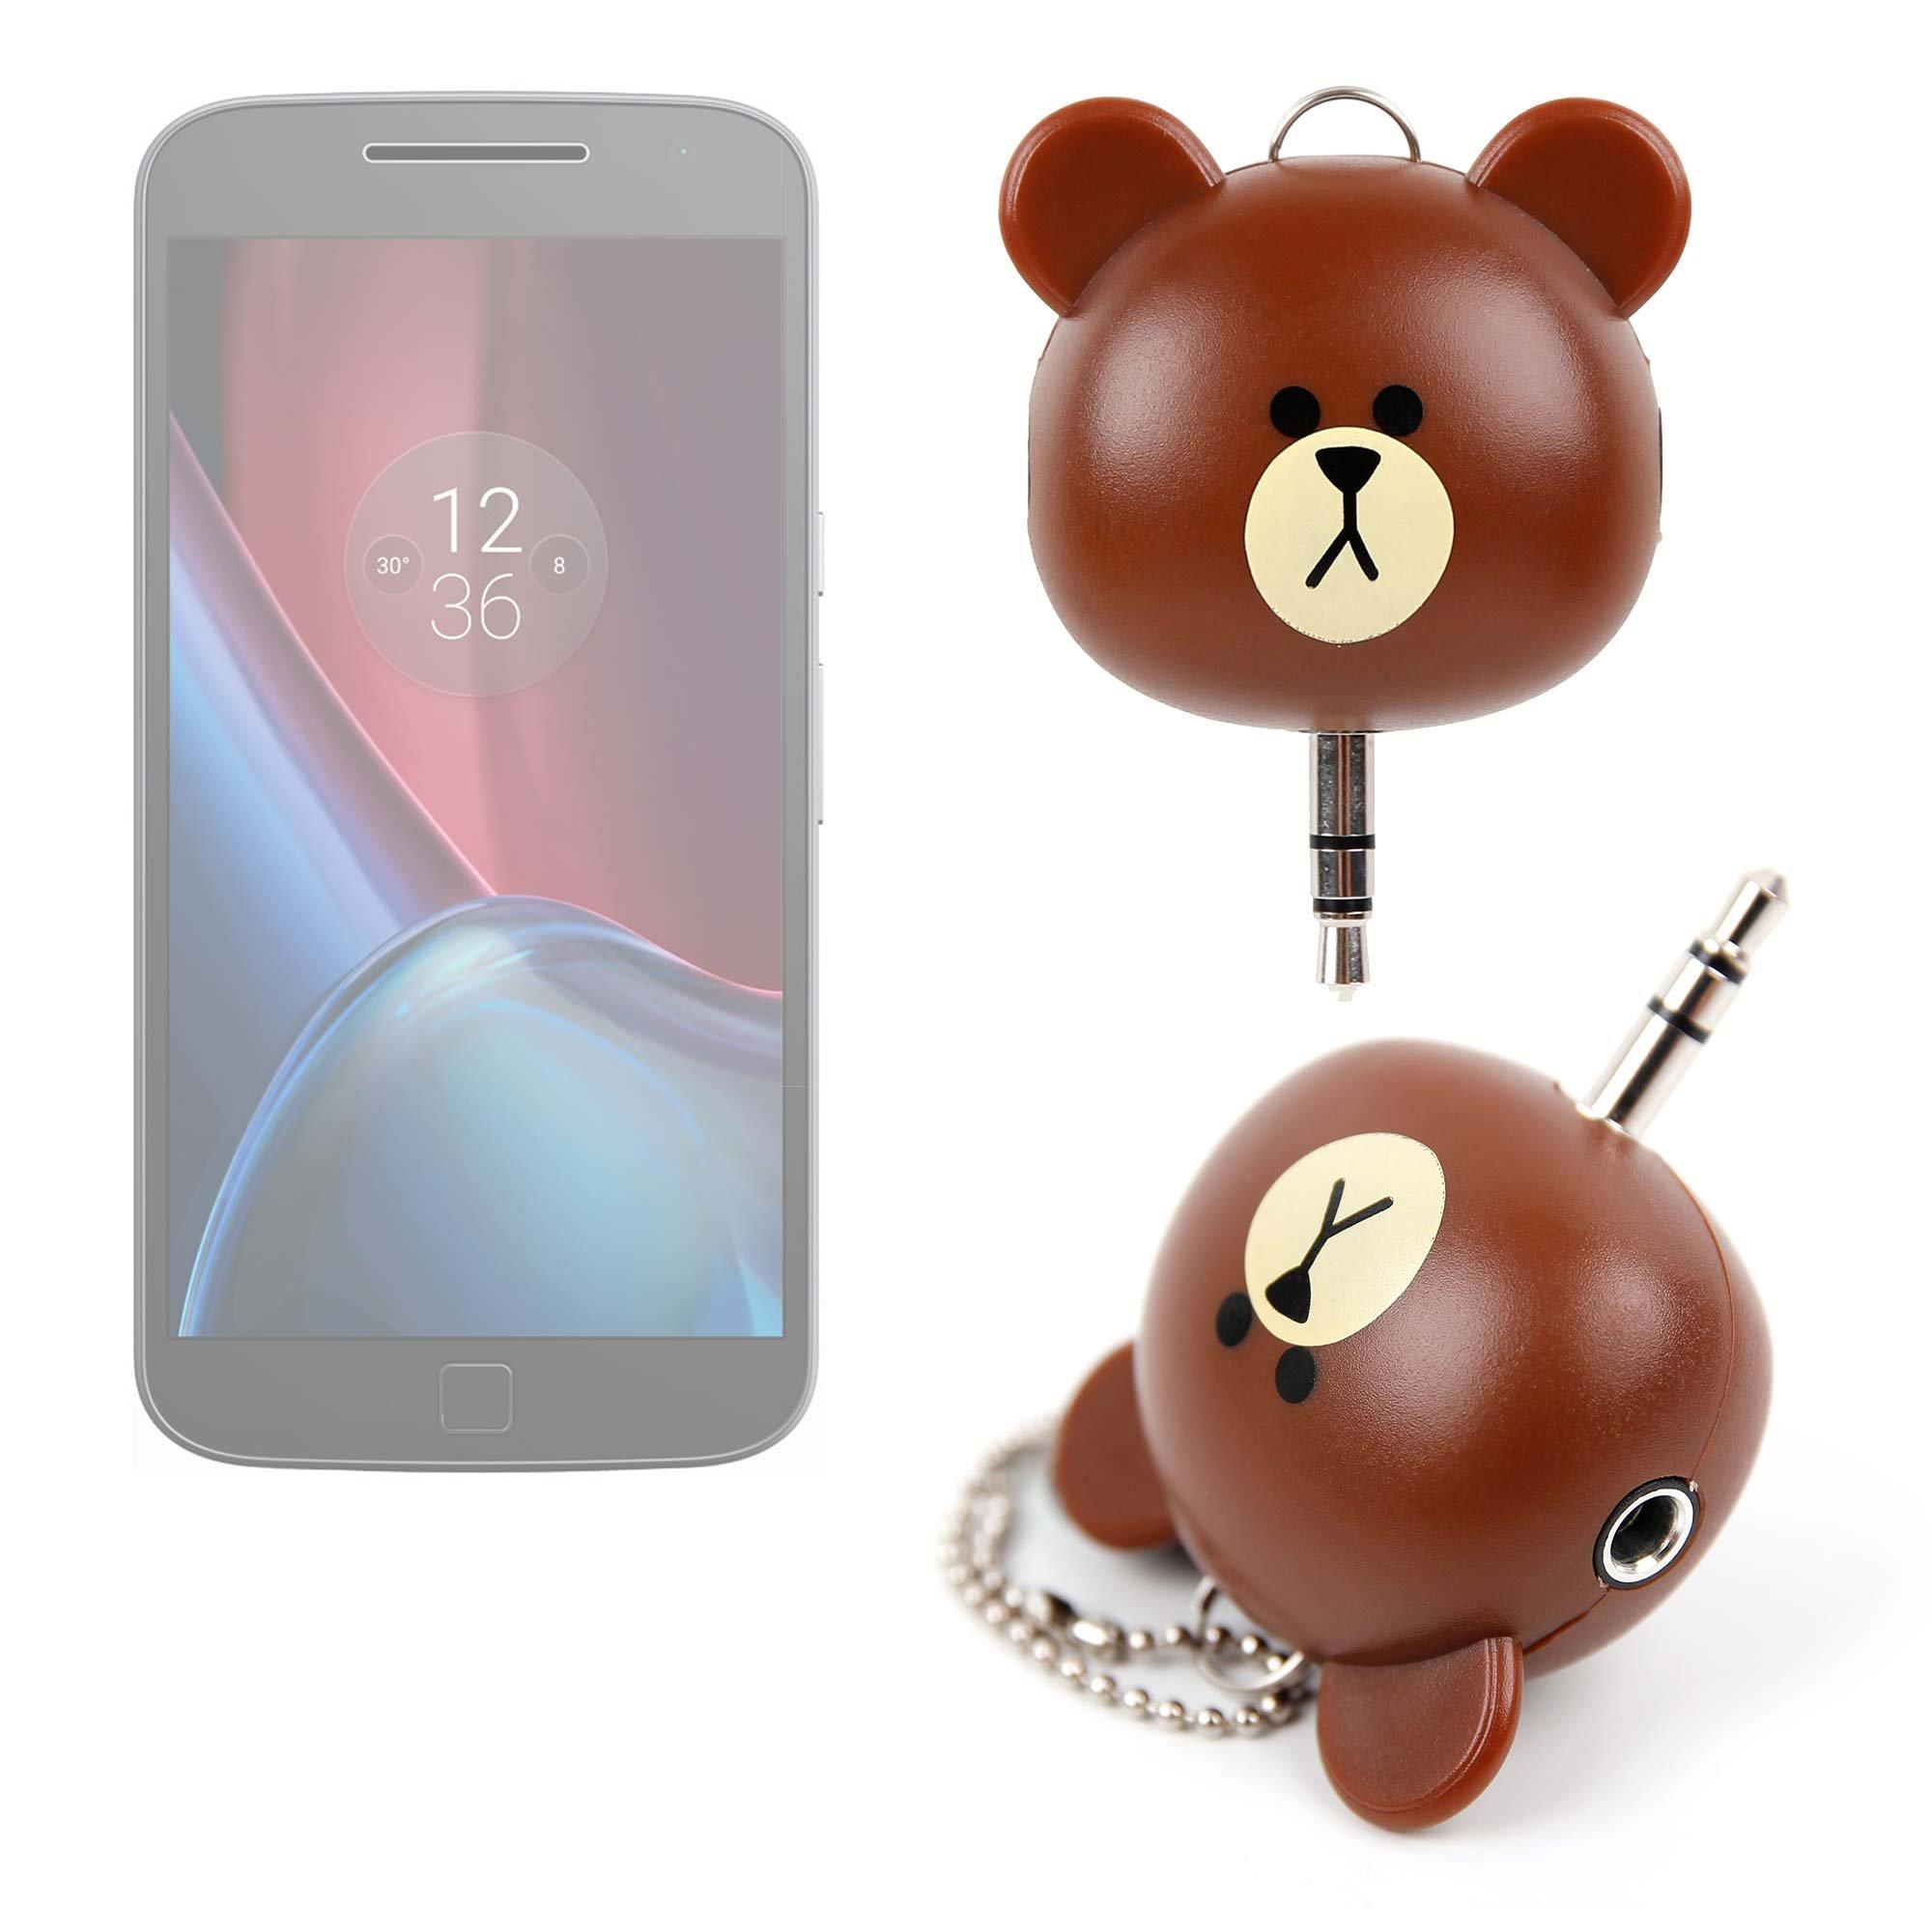 DURAGADGET Divisor de Auriculares con Forma de Osito para Smartphone Lenovo Moto E3,Moto G4 Play, Moto G4 Plus, Moto G4, Moto Z Force, Moto Z: Amazon.es: Electrónica